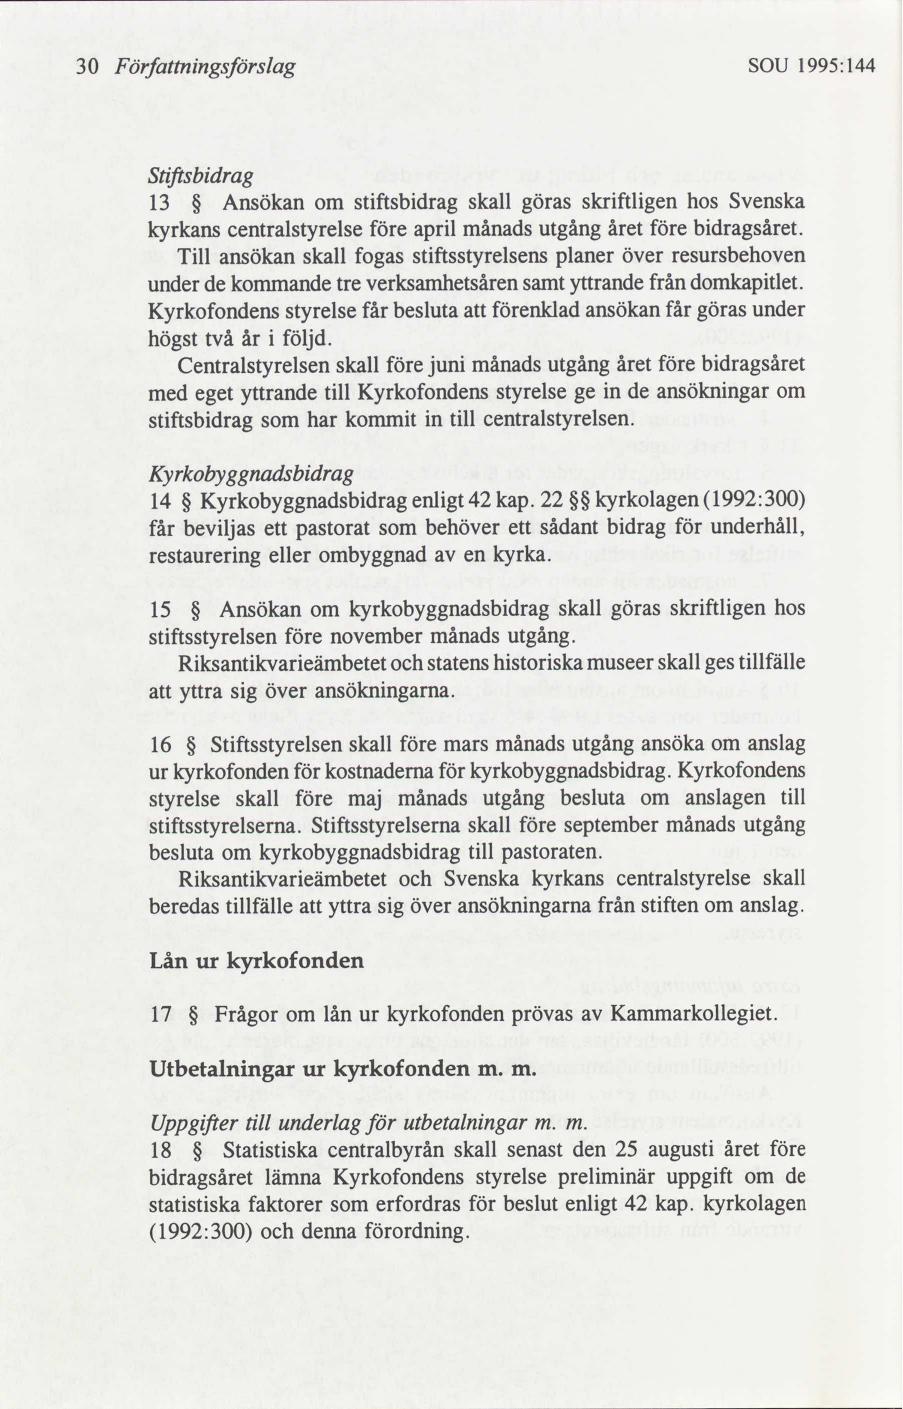 Staten jugoslavien hor snart historien till